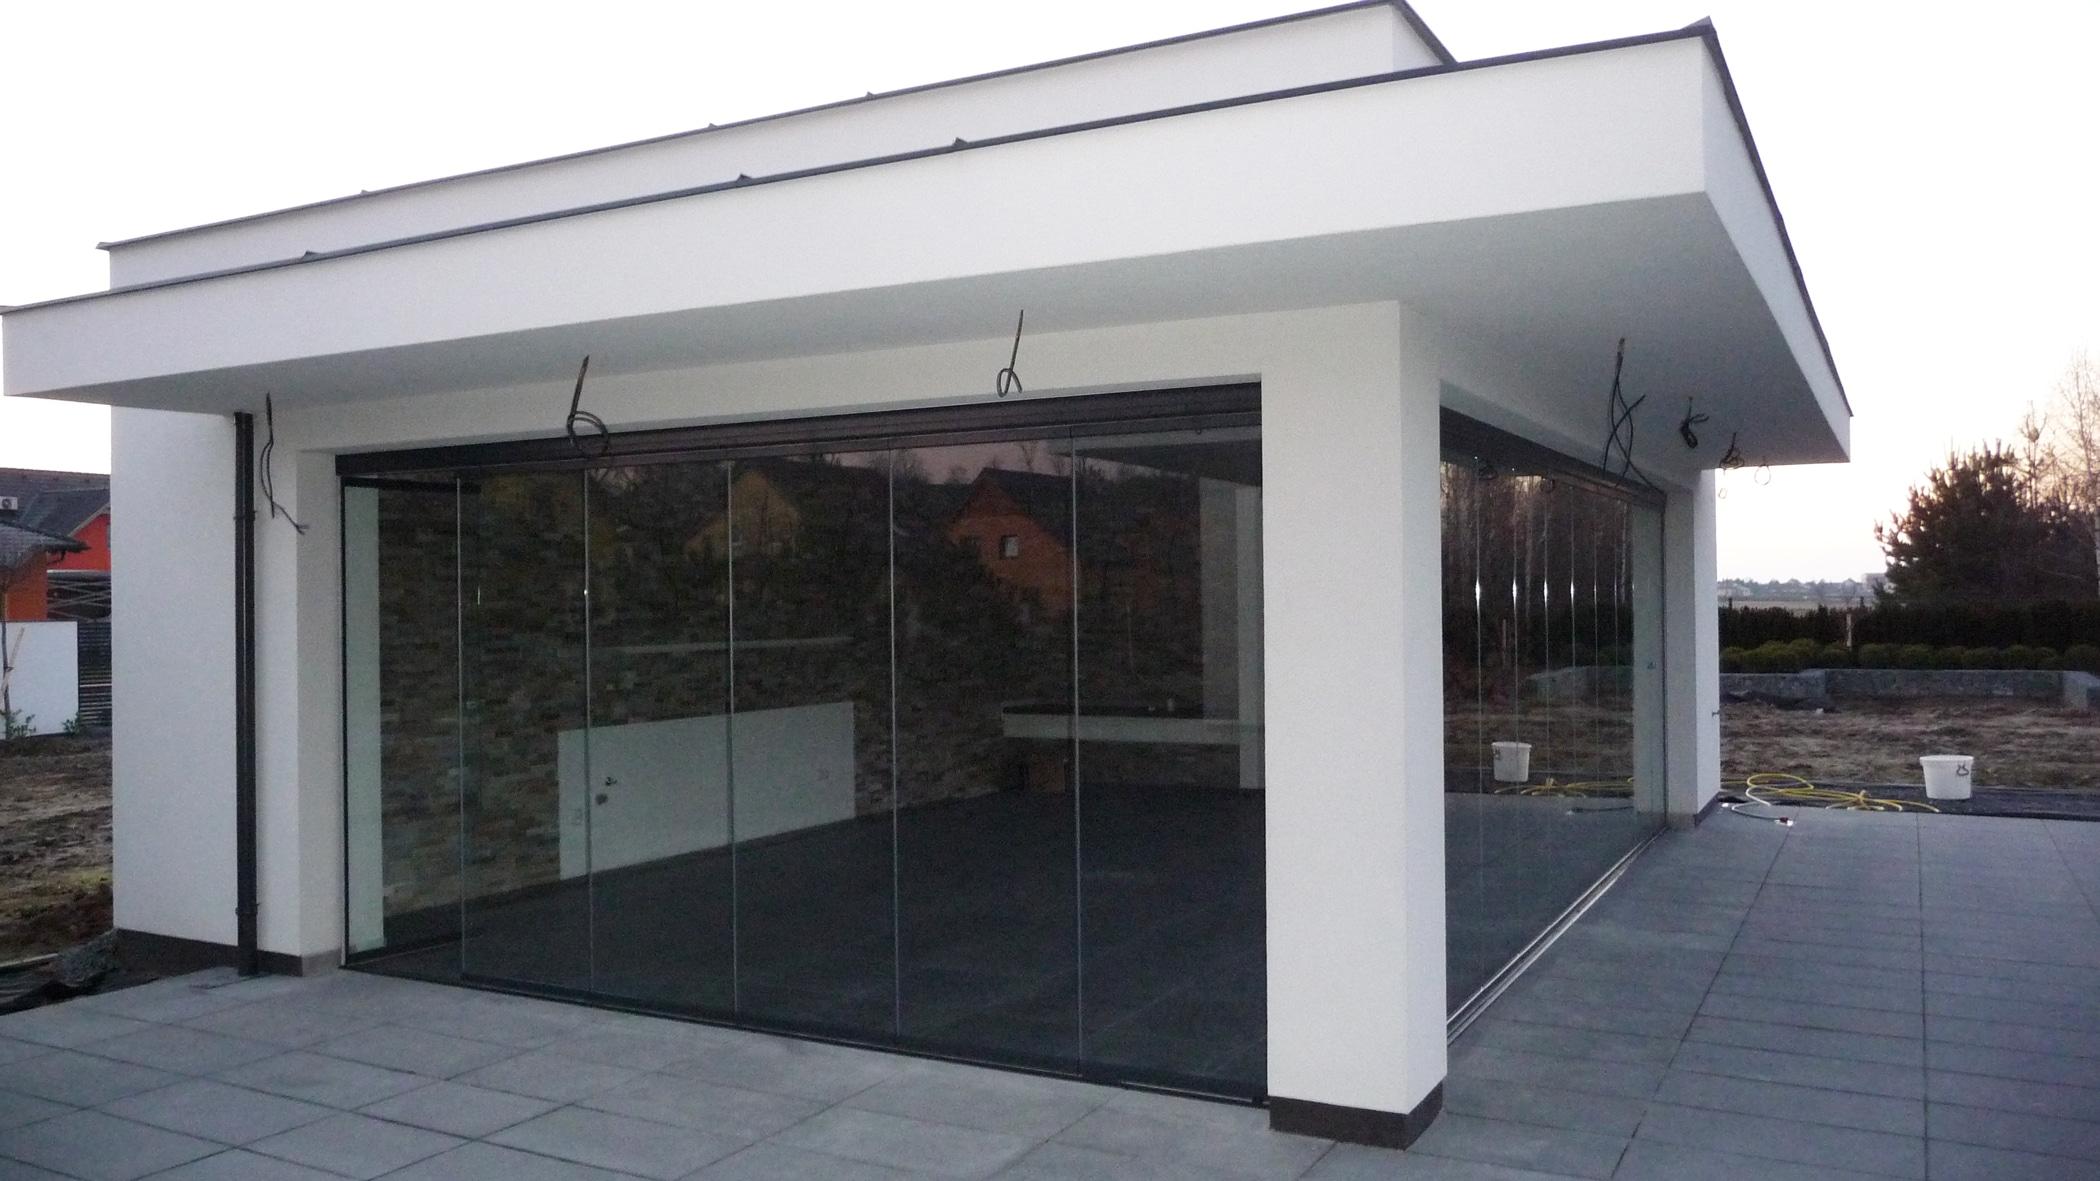 Mehrteilige Schiebewand für modernes Poolhaus